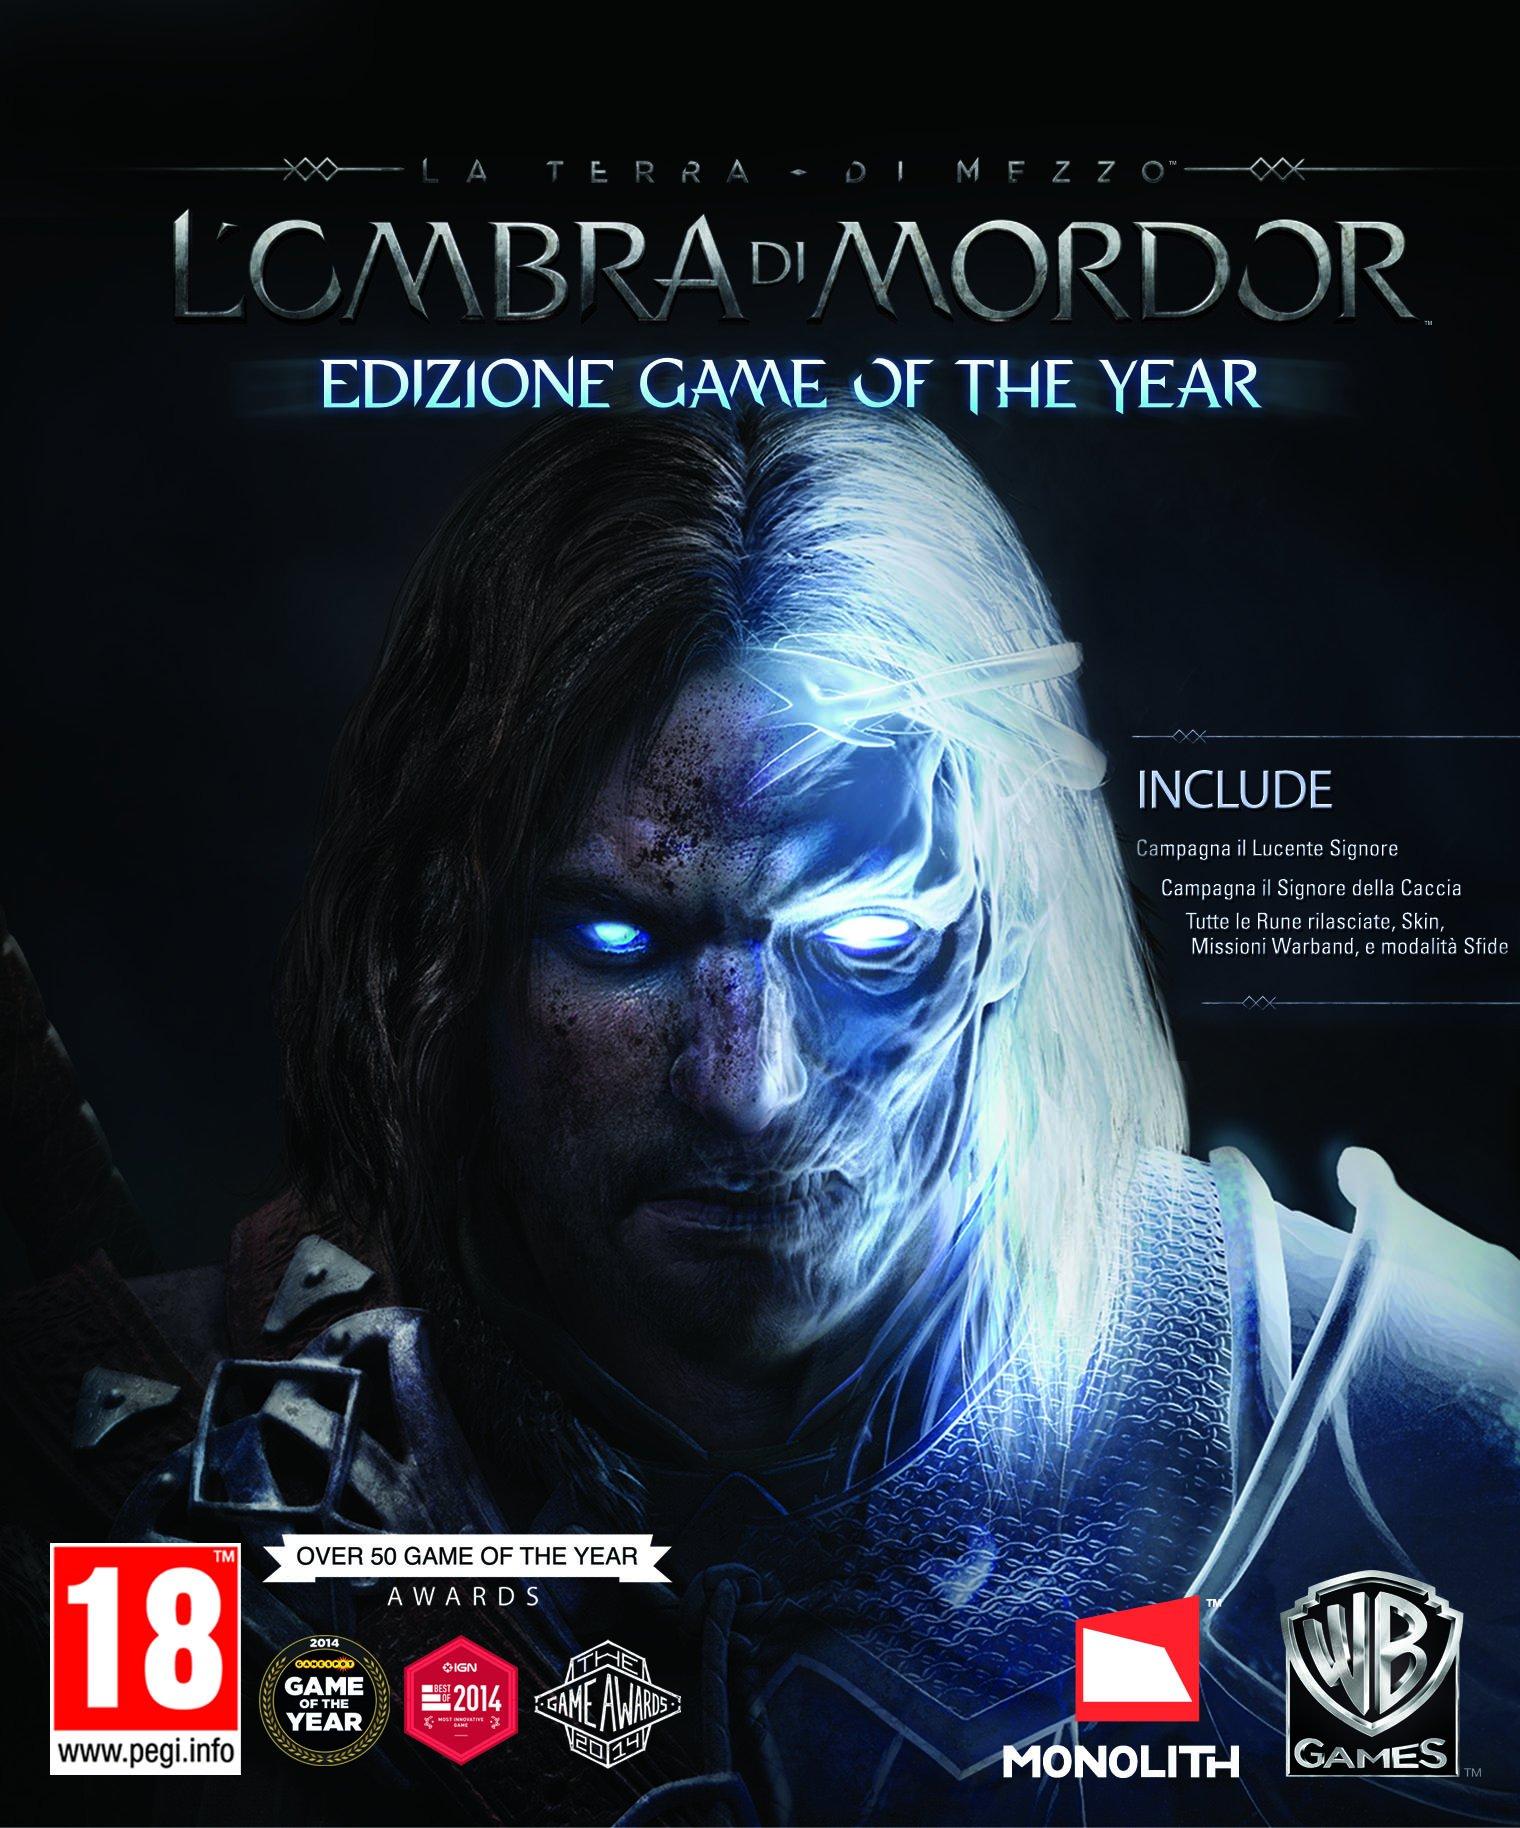 La Terra di Mezzo L'Ombra di Mordor Goty